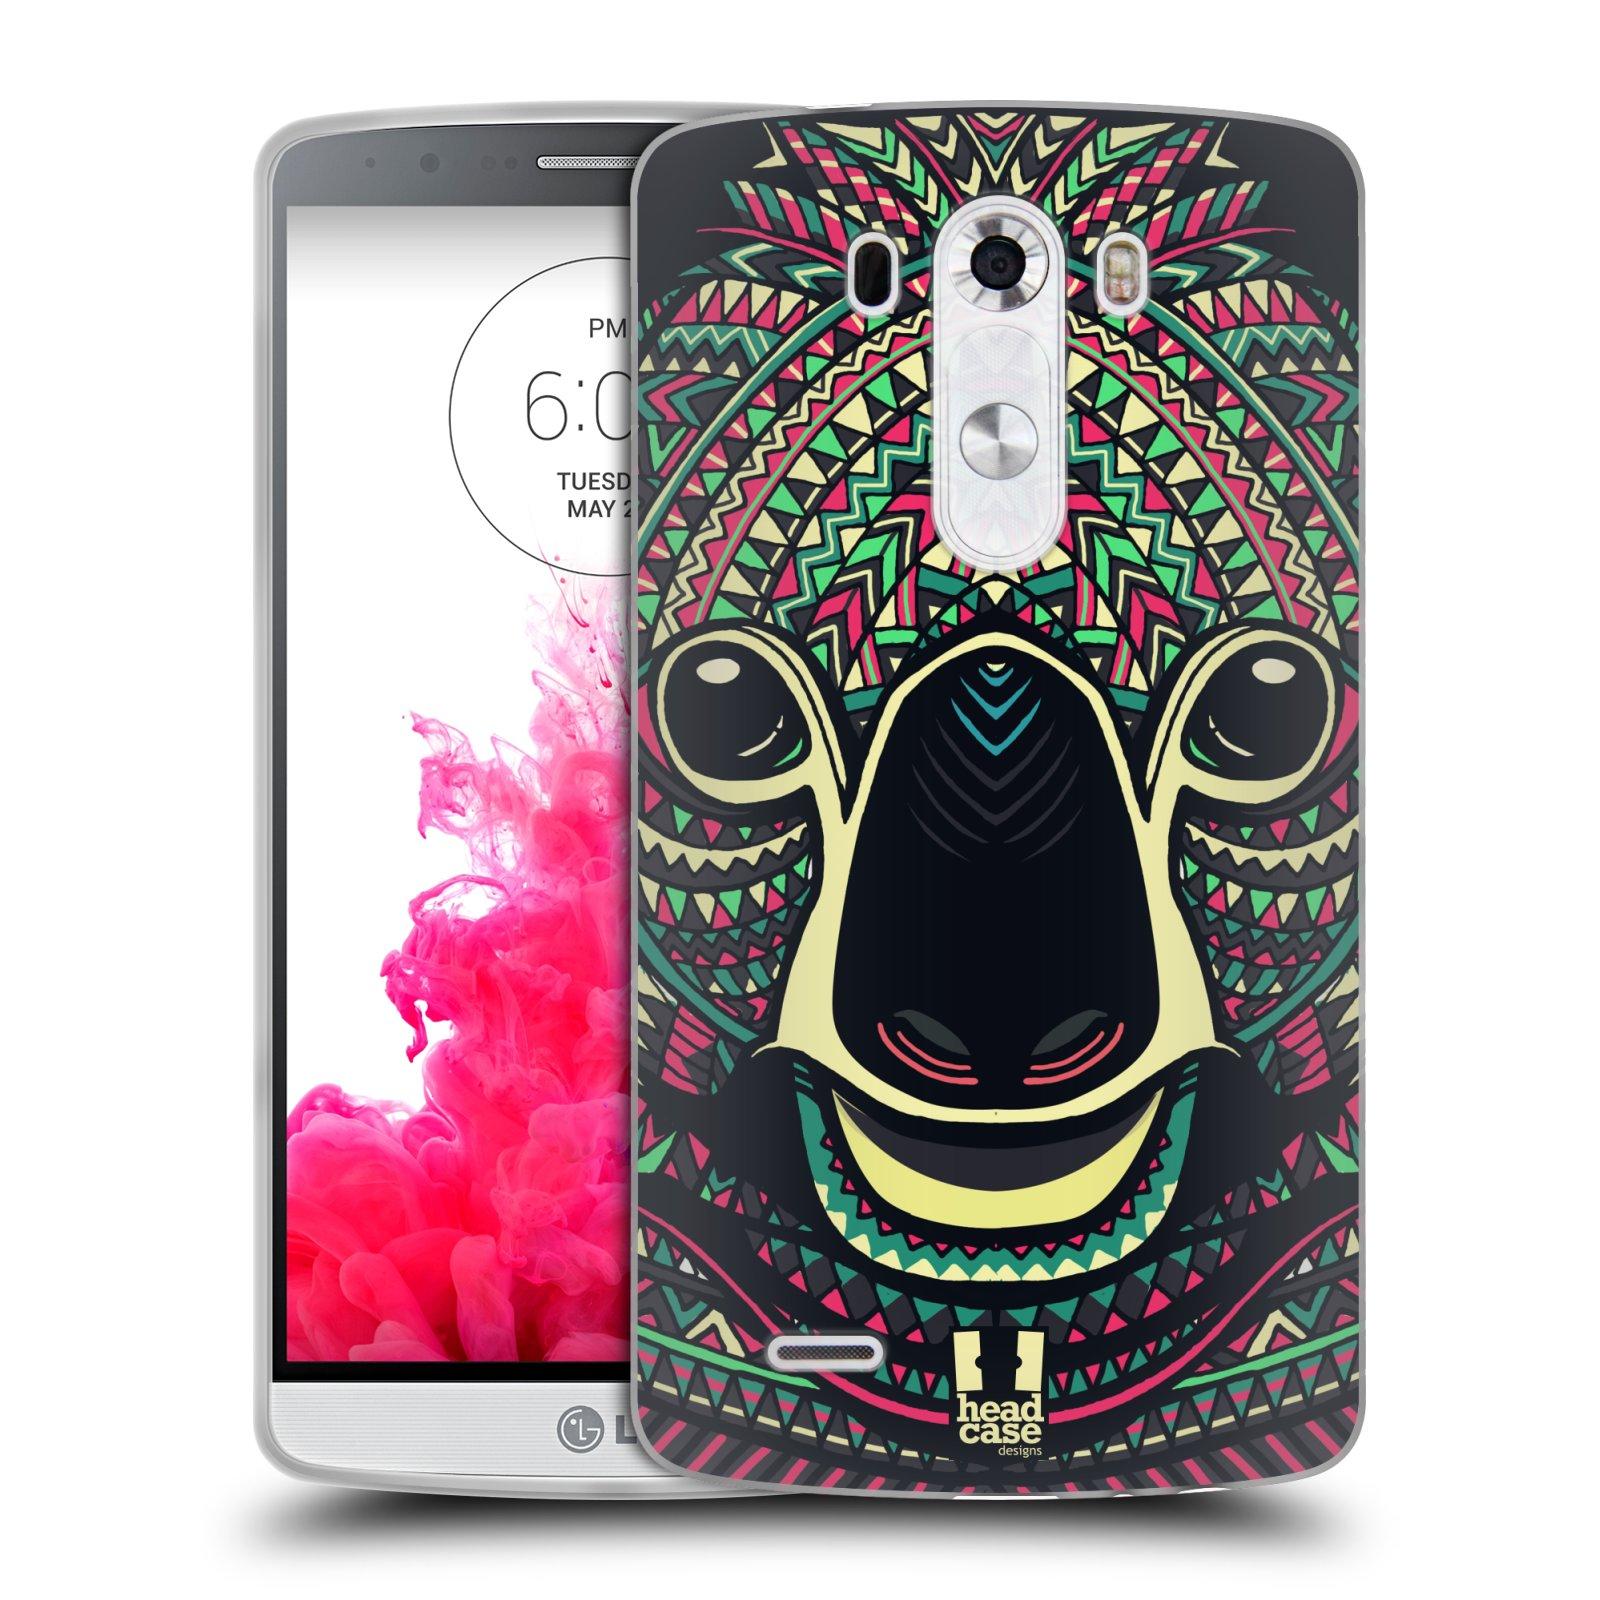 Silikonové pouzdro na mobil LG G3 HEAD CASE AZTEC KOALA (Silikonový kryt či obal na mobilní telefon LG G3 D855)